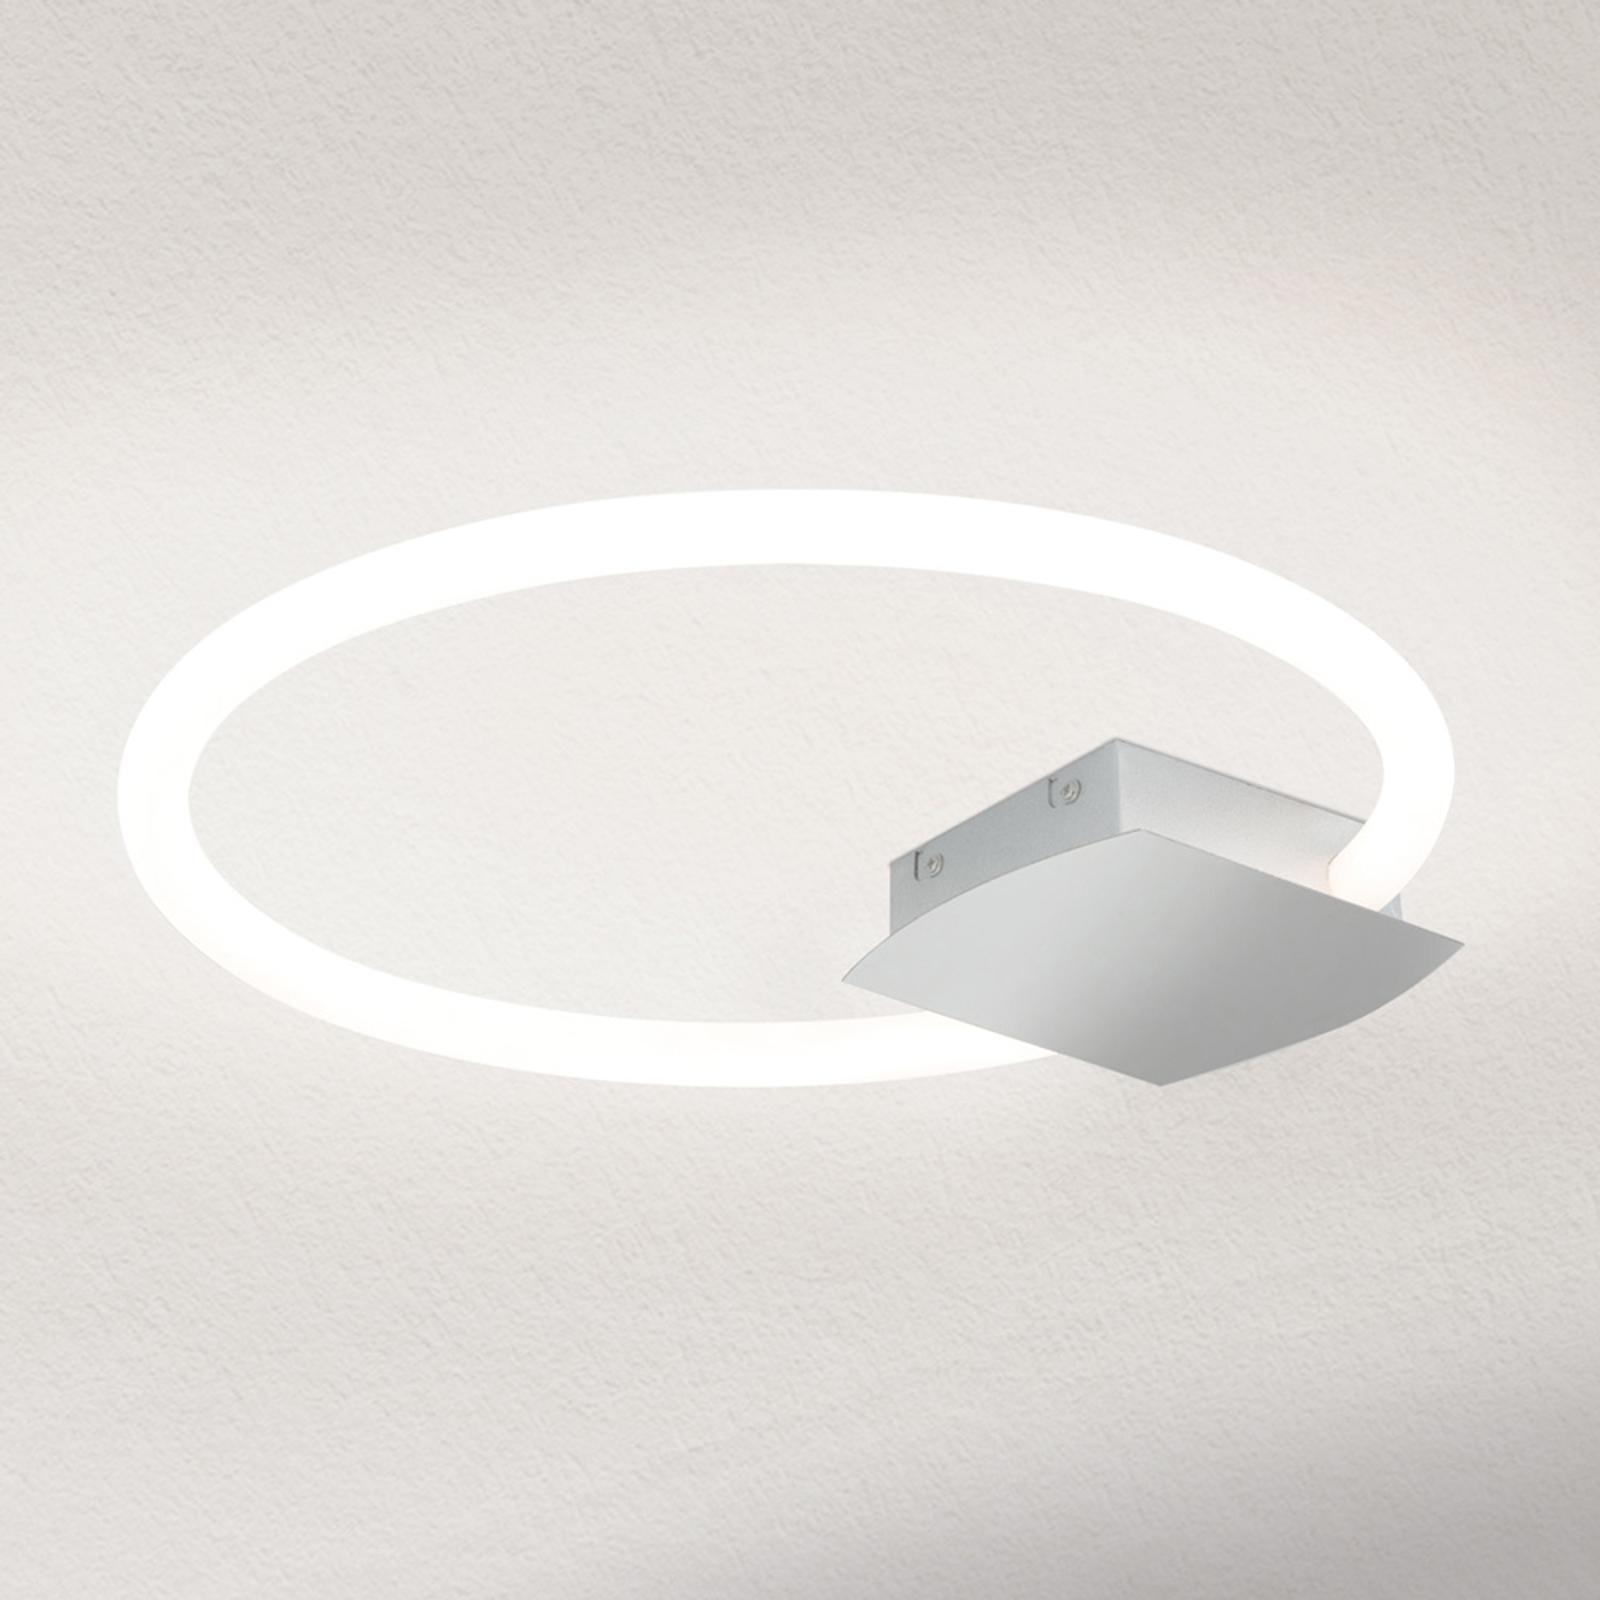 Lampa sufitowa LED Karlsson pierścień, 42 cm